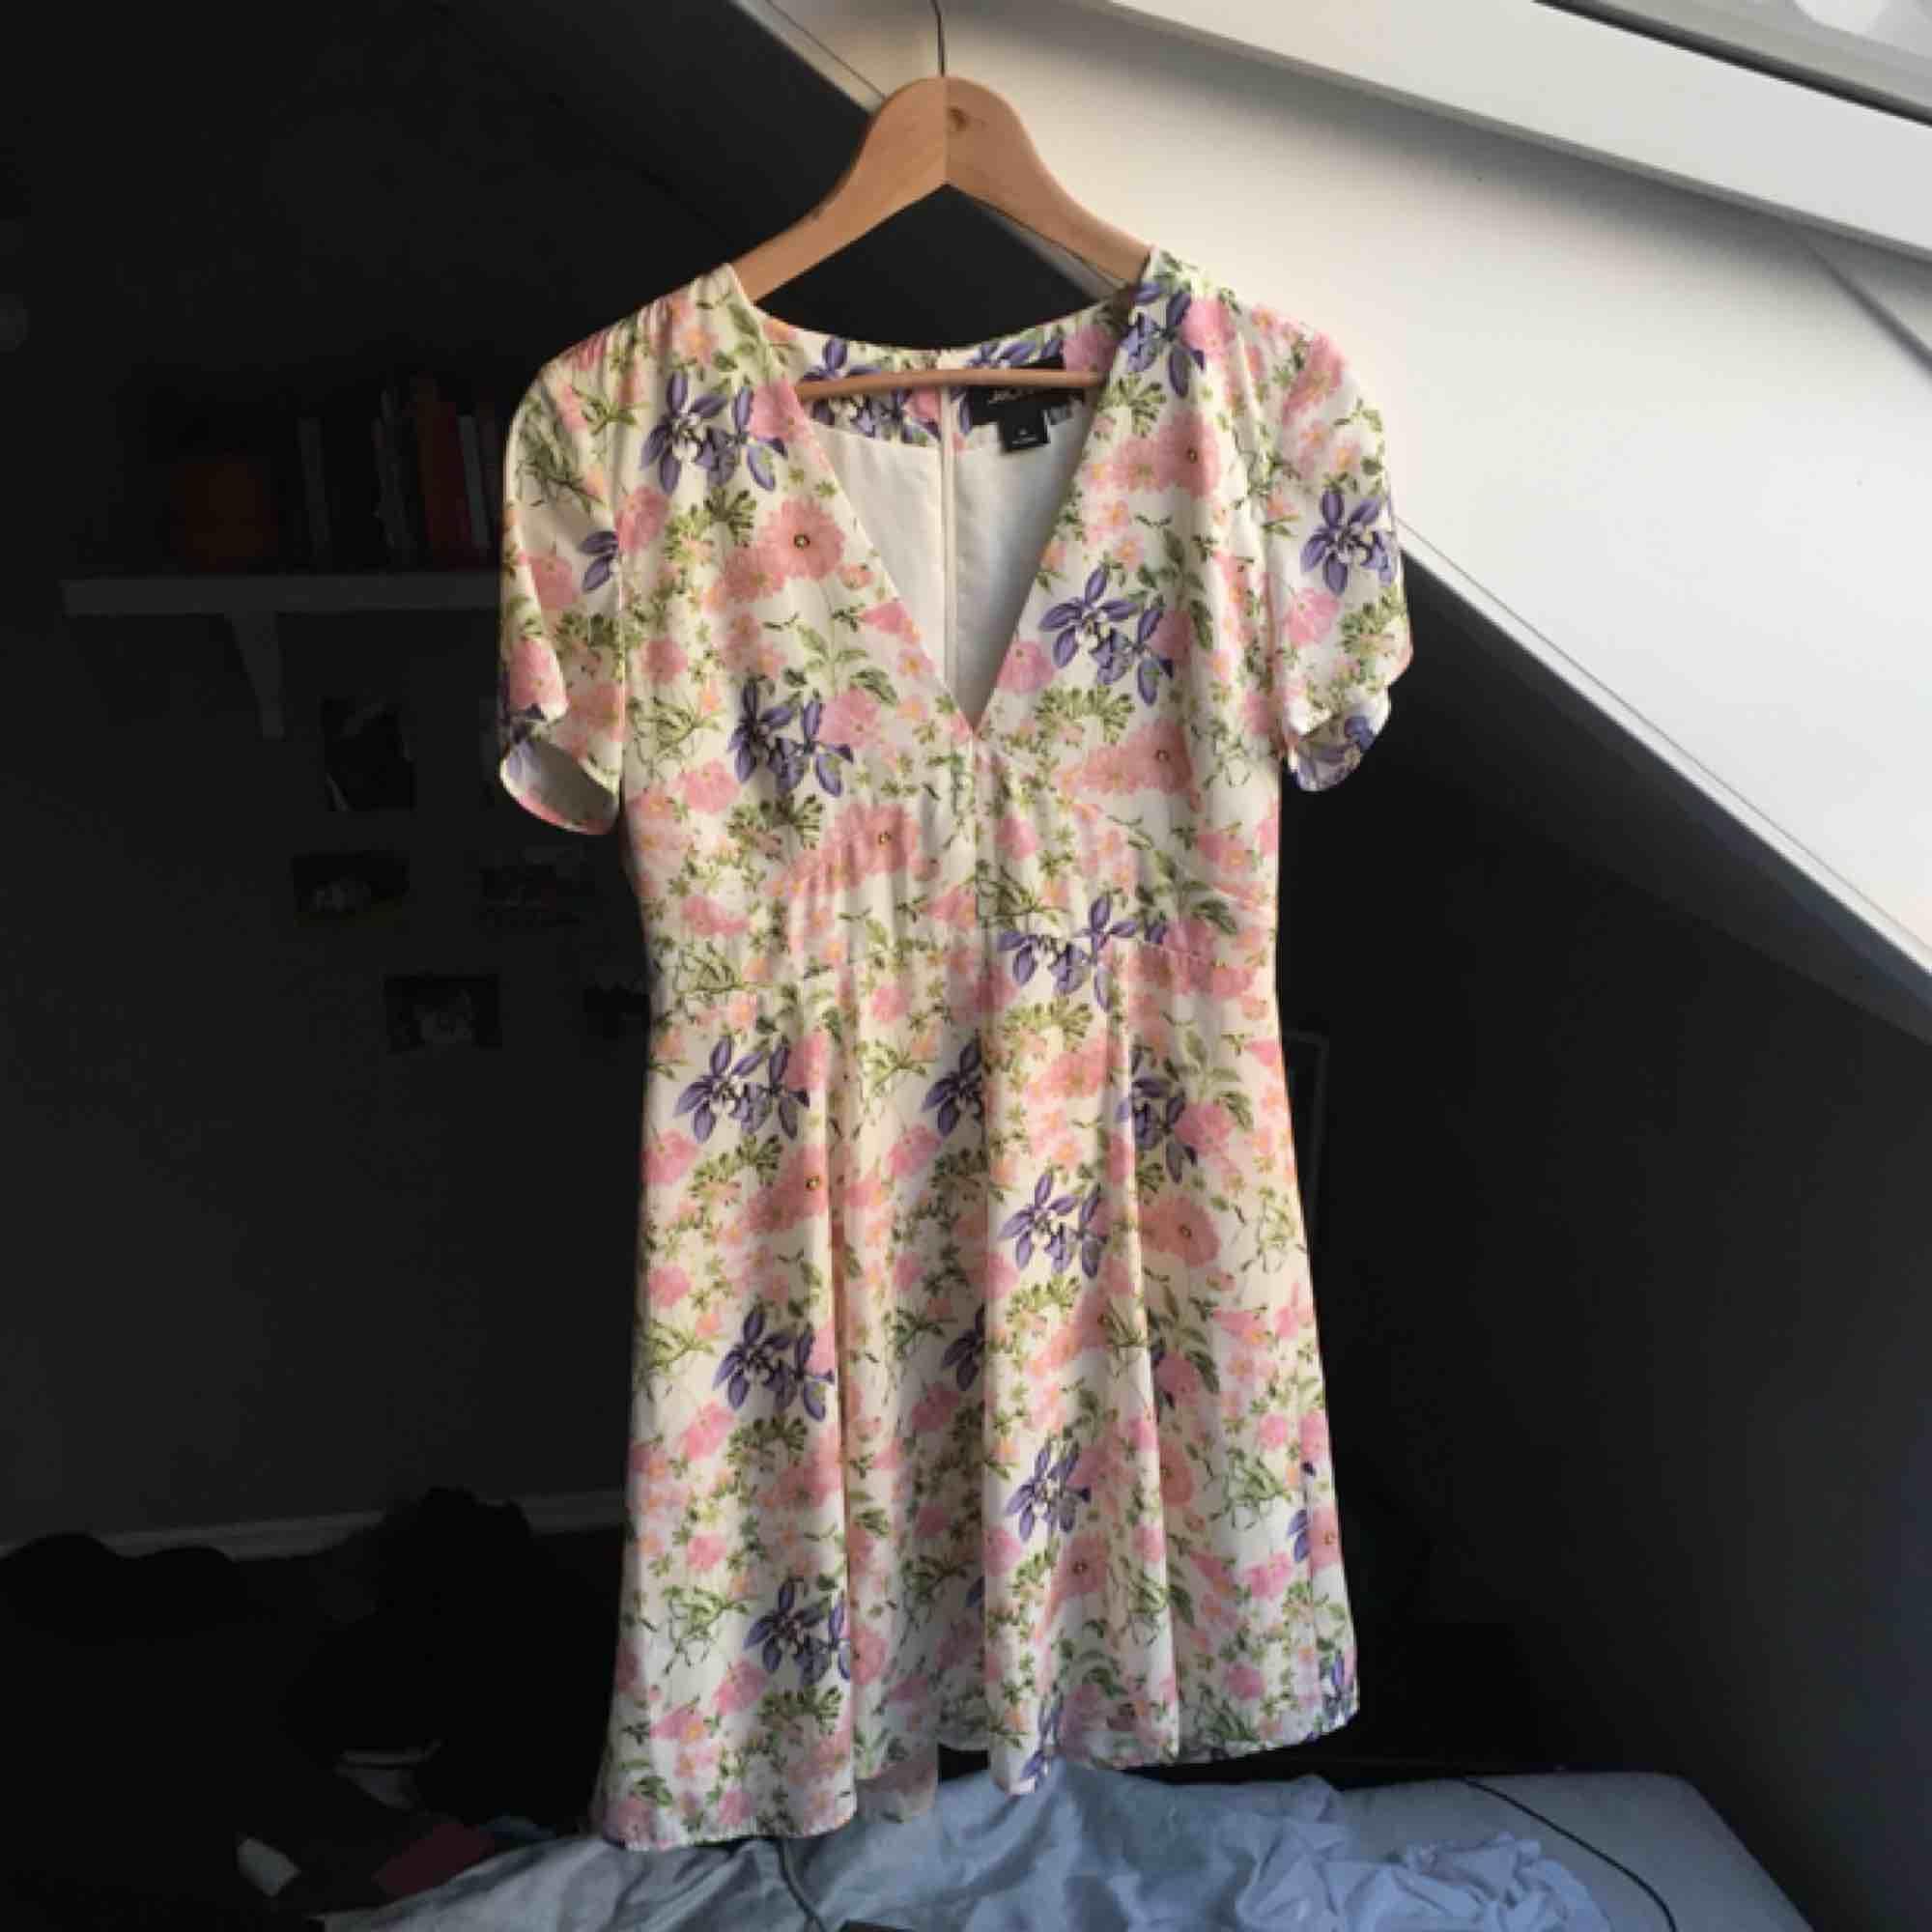 Jättesöt blommig klänning jag köpt men sen inte haft på mig, nu har den hängt sen förra sommaren i garderoben och jag tror att det är dags för den att gå vidare. Tar swish och möts mer än gärna upp i Stockholm!🌸💕. Klänningar.